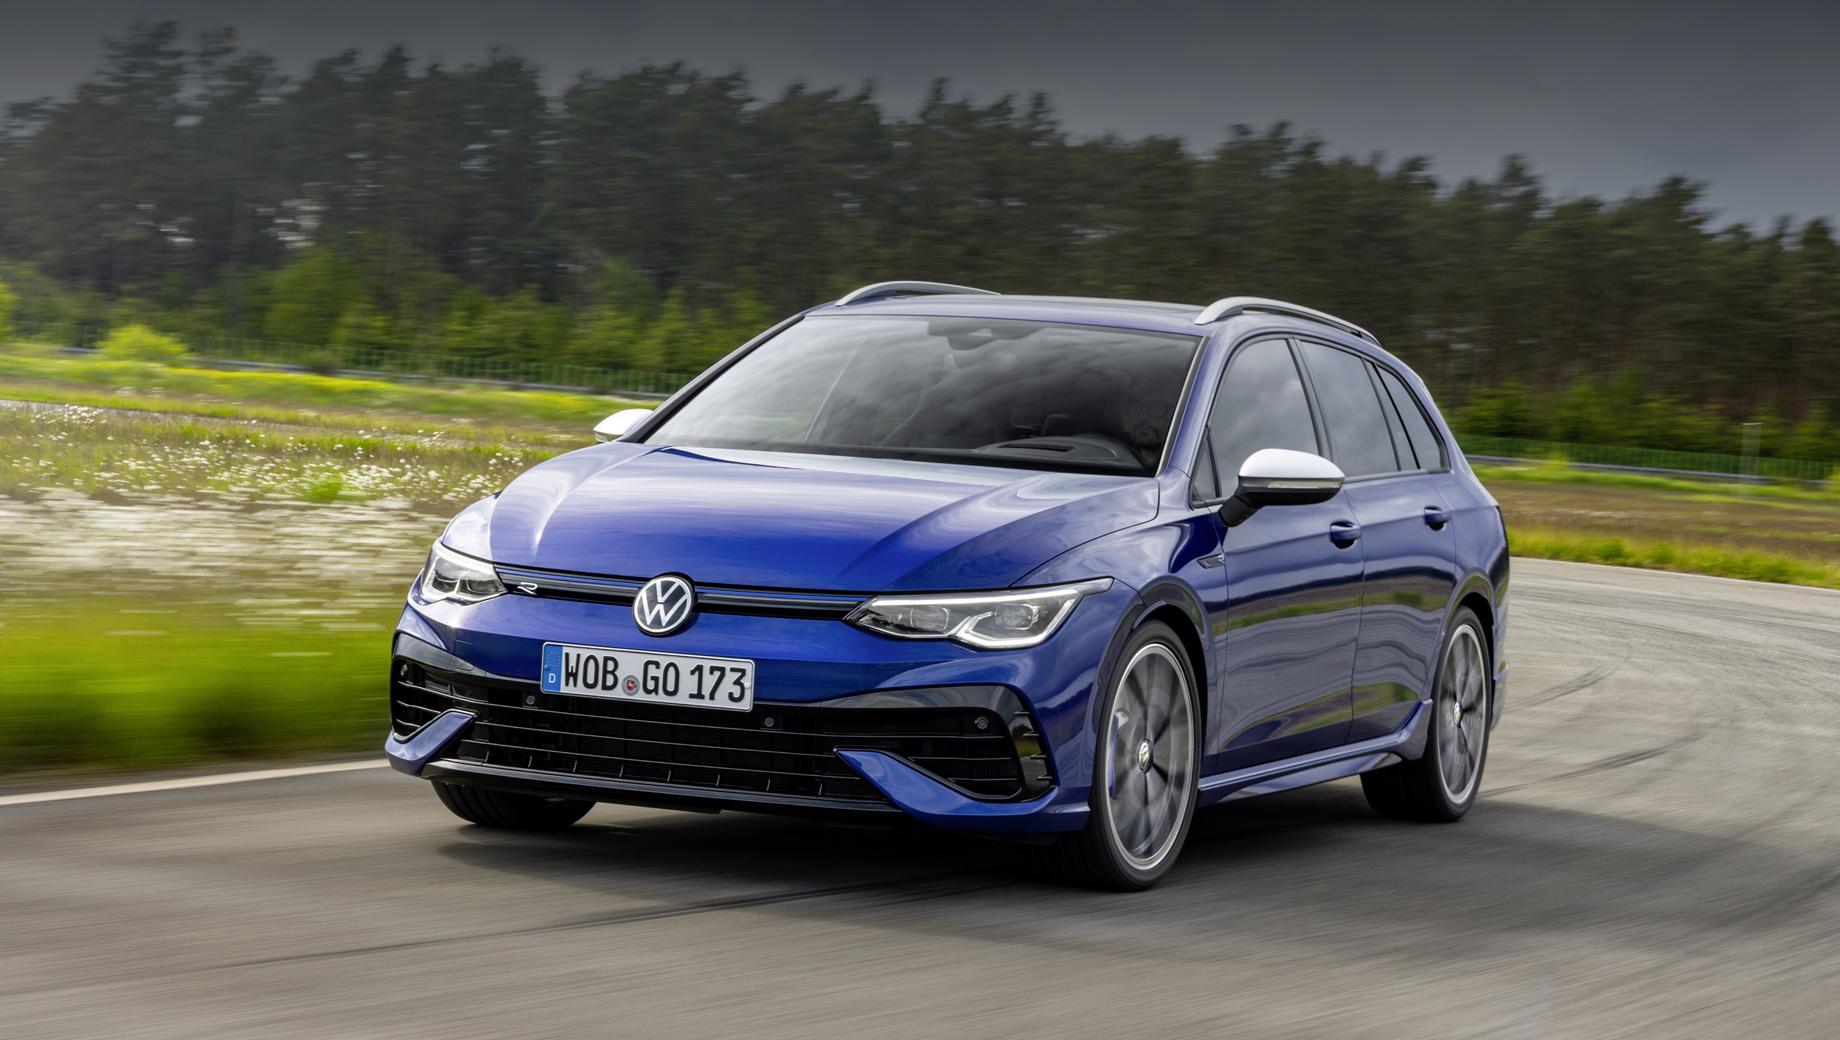 Volkswagen golf,Volkswagen golf r,Volkswagen golf r variant. Если не считать концепты и прототипы, перед нами самый мощный серийный универсал Golf в истории.